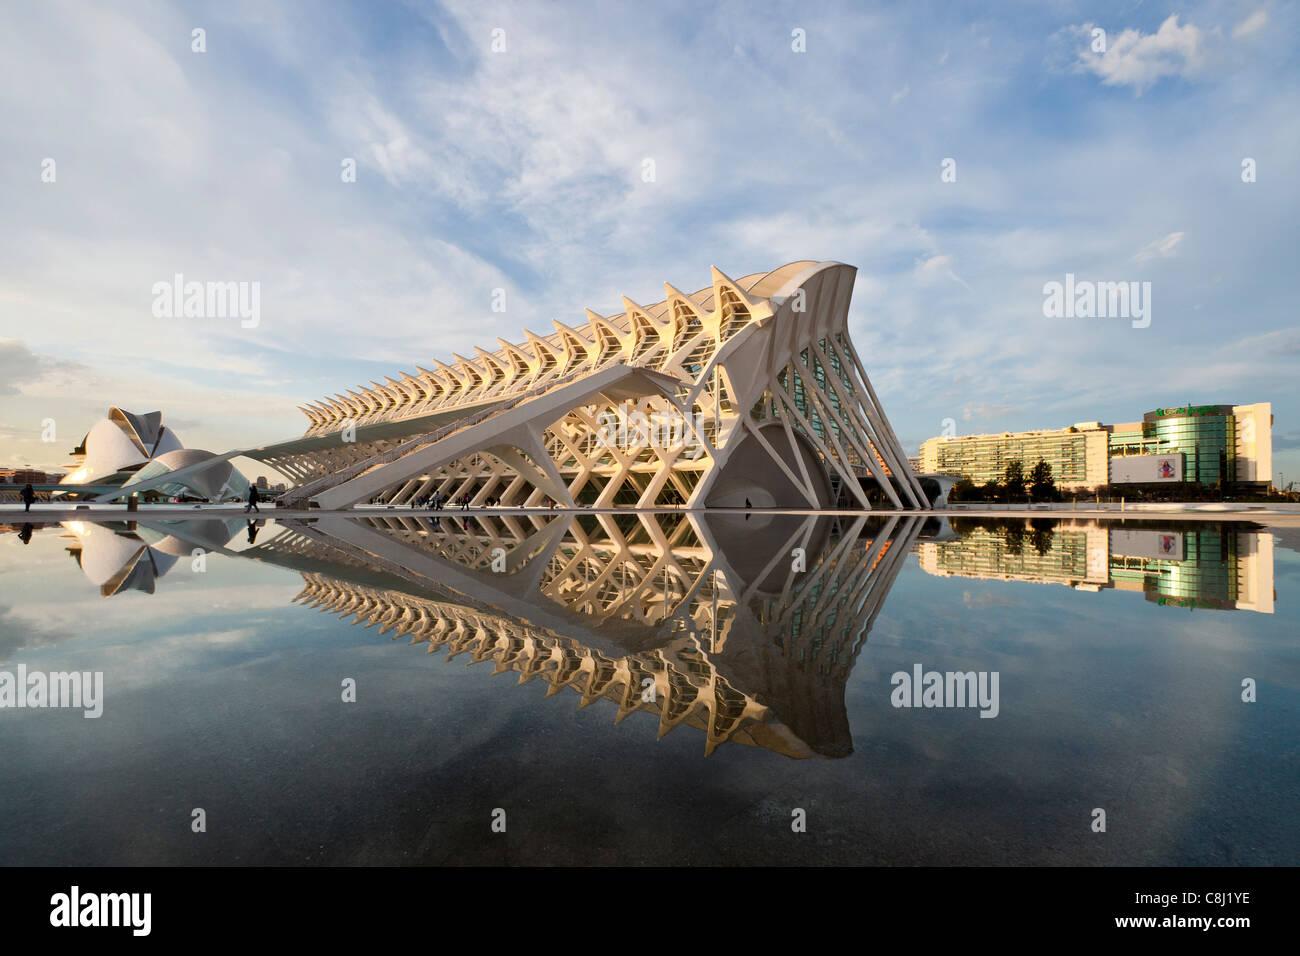 Spagna, Europa, Valencia, Città delle arti e della scienza, Calatrava, architettura moderna, acqua Immagini Stock